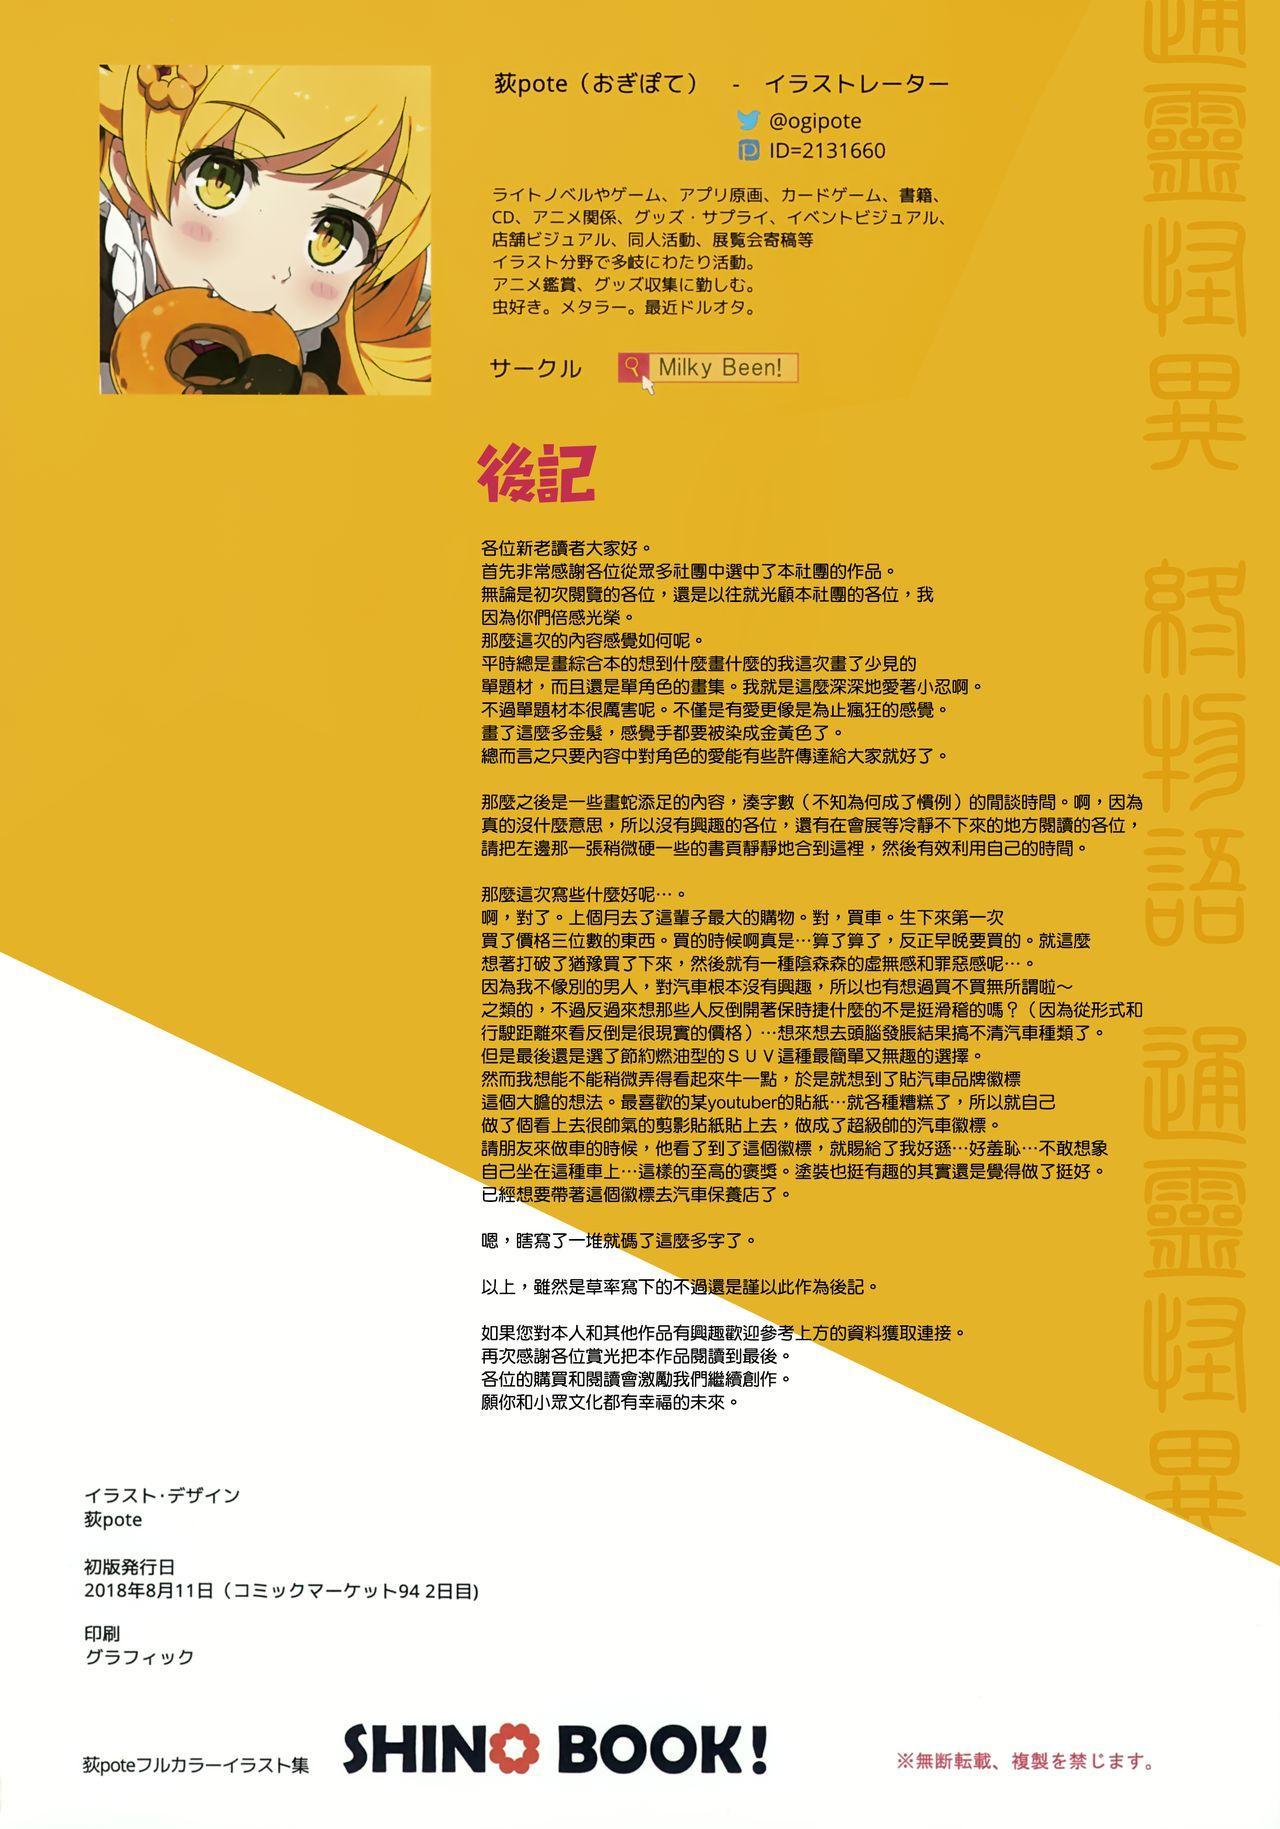 SHINO BOOK! 12